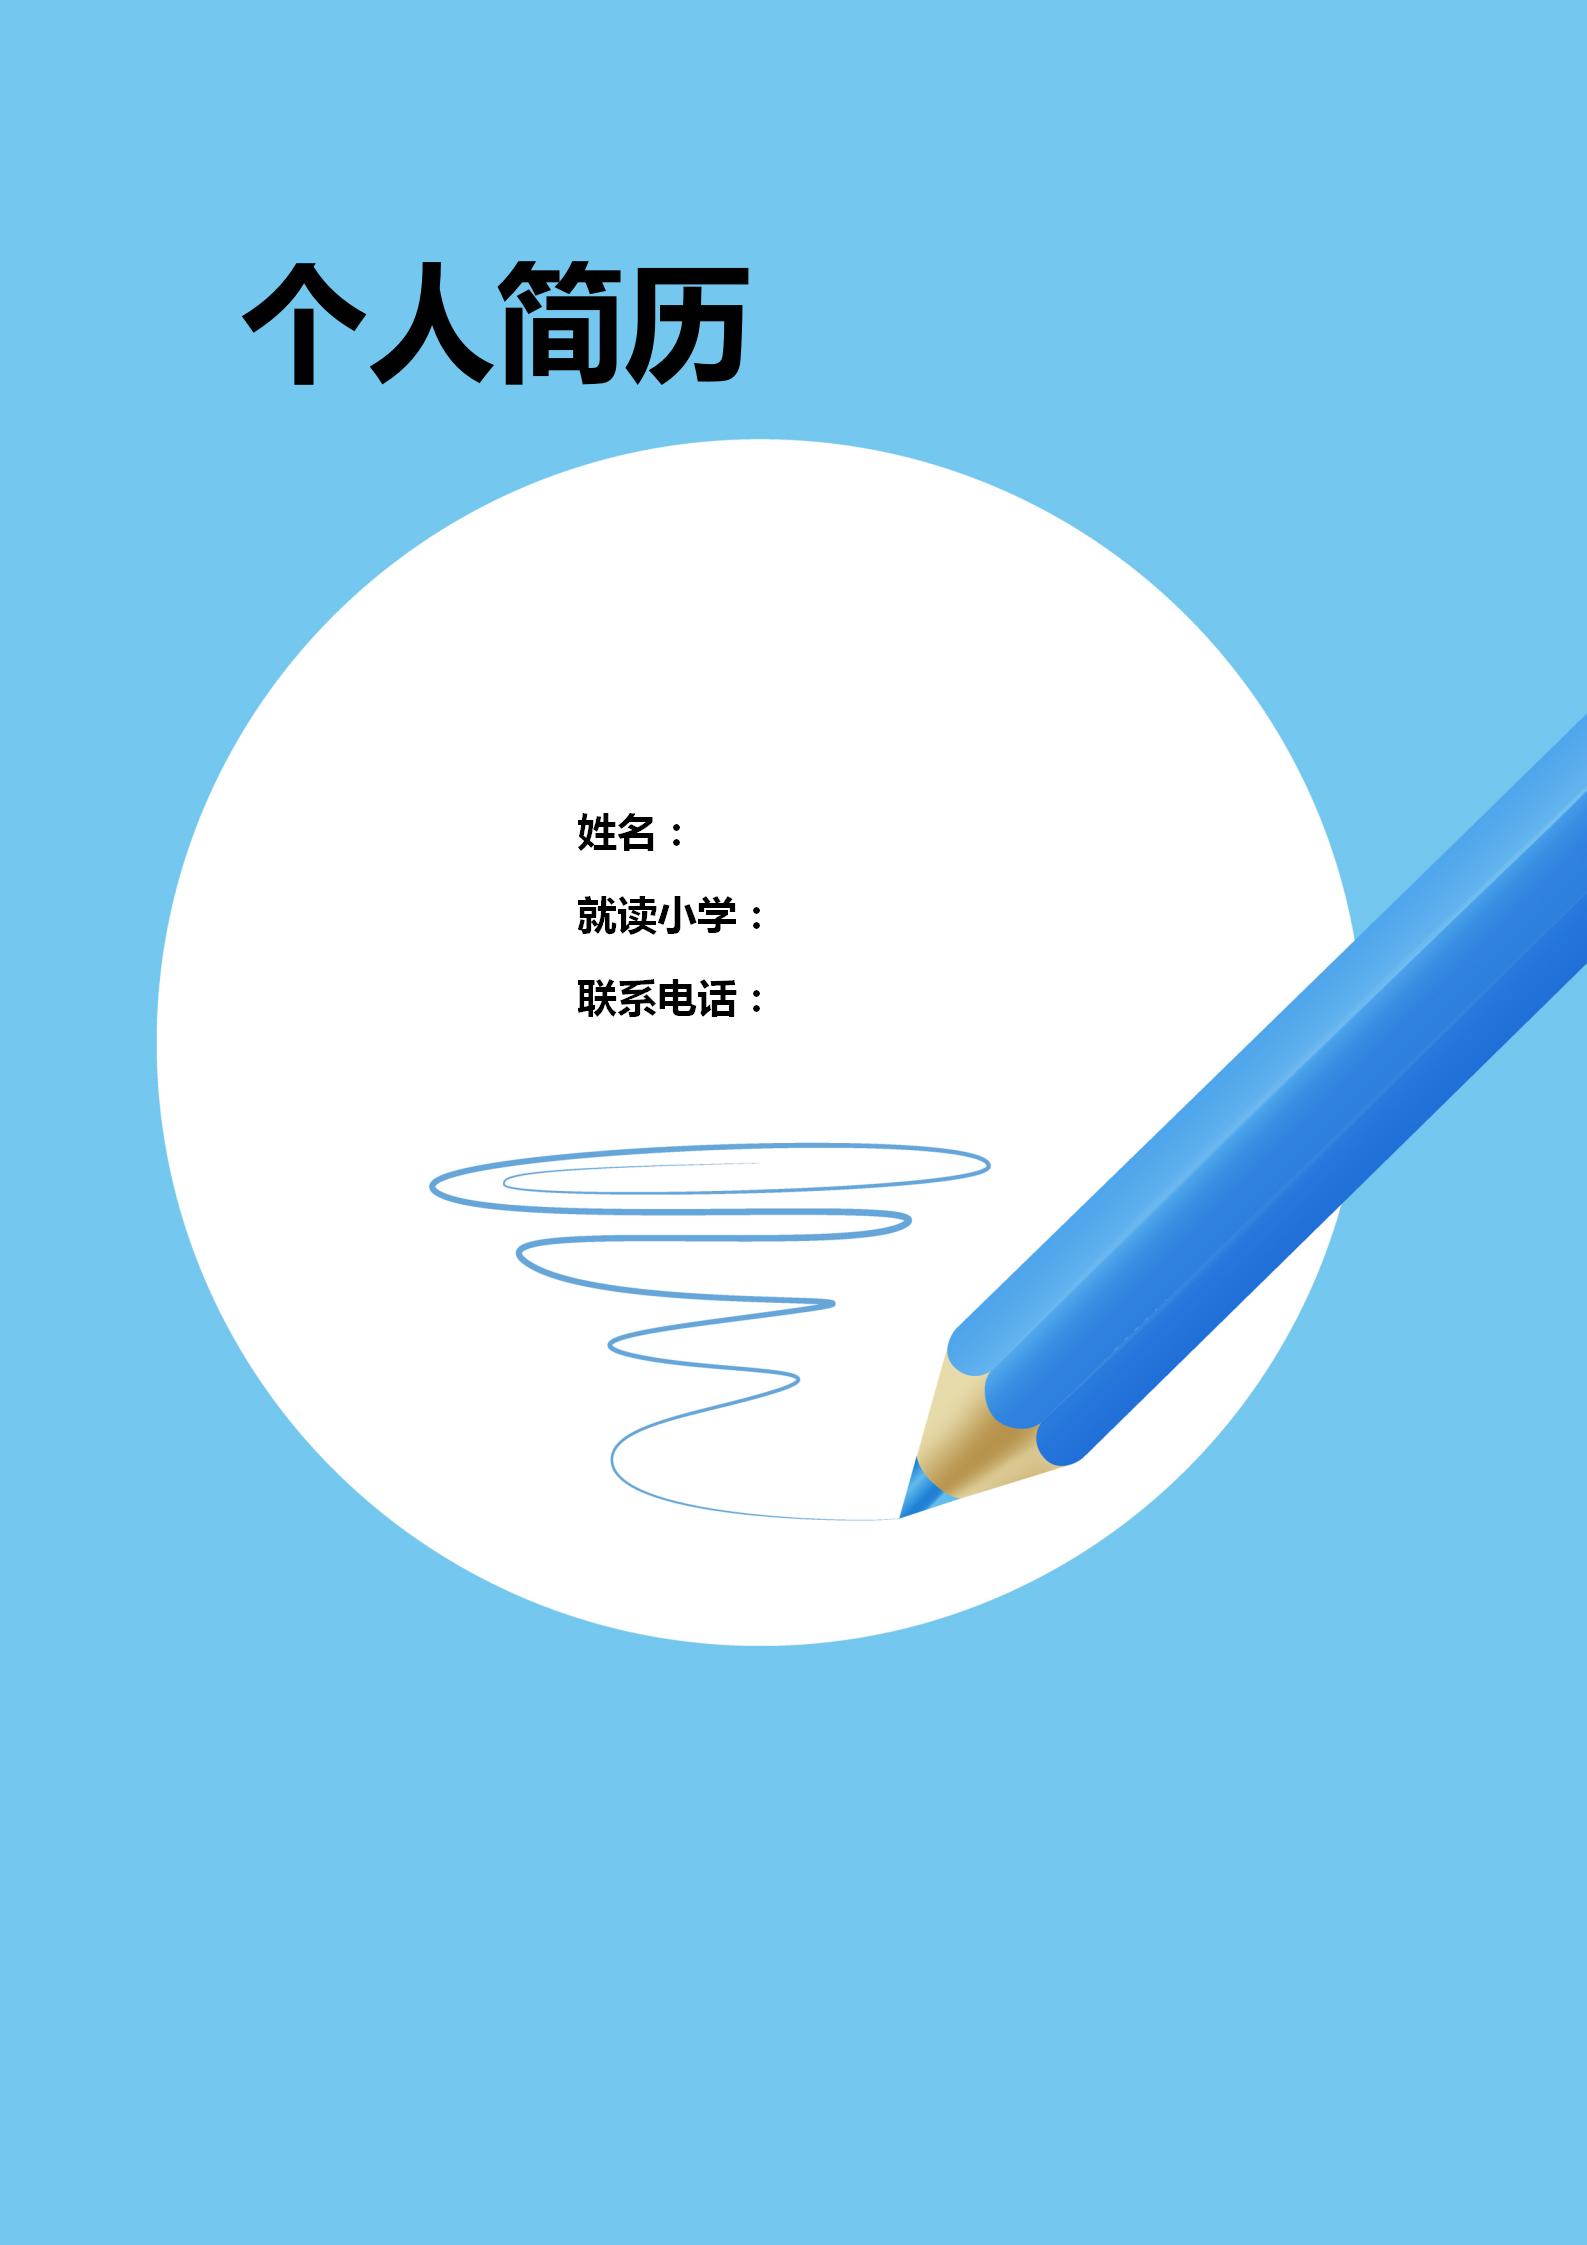 2020年小学升初中简历模板word免费下载(1)